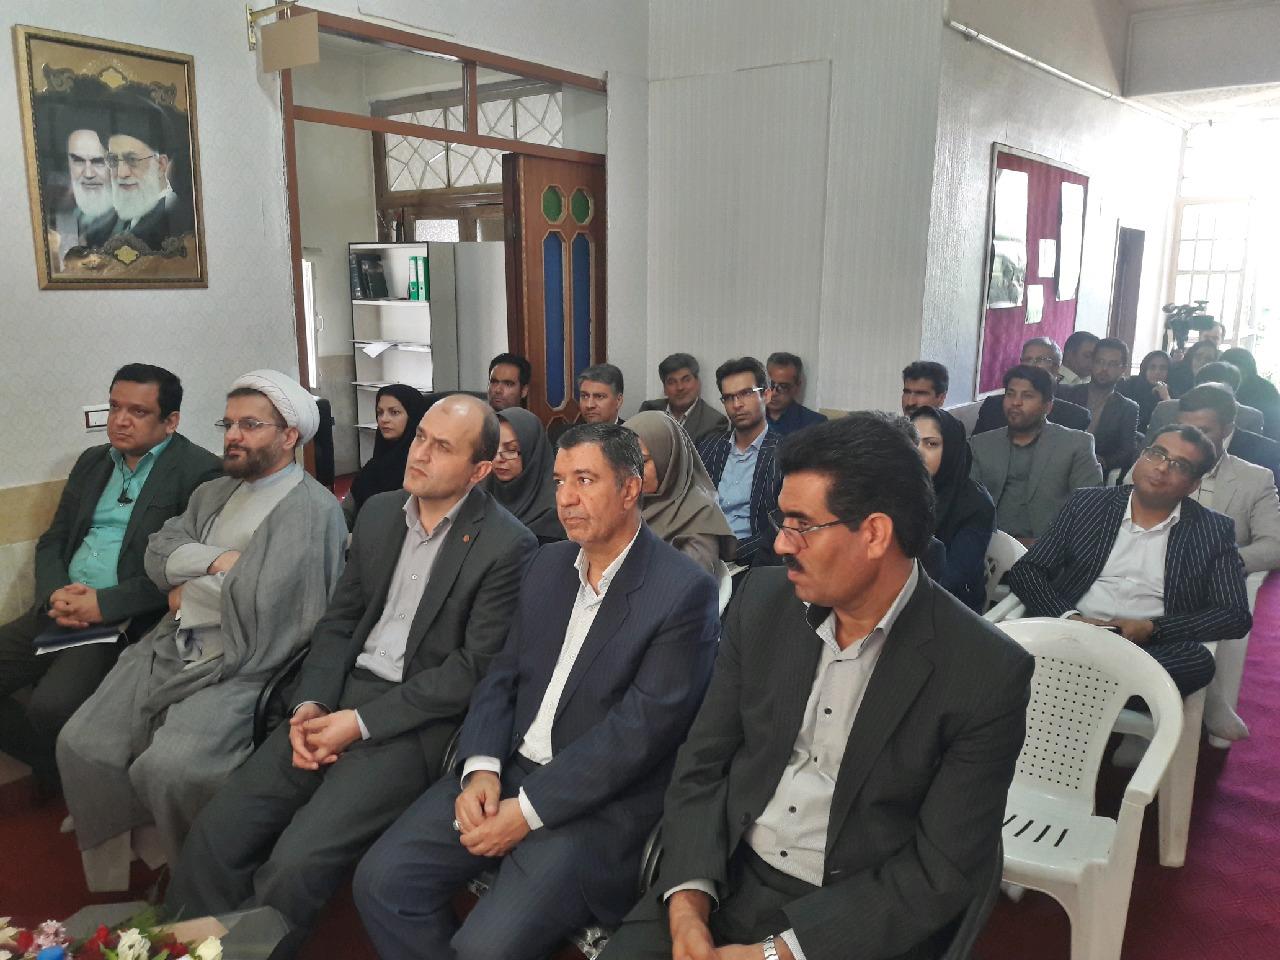 افتتاح دو مرکز کنترل آسیبهای اجتماعی در خراسان جنوبی